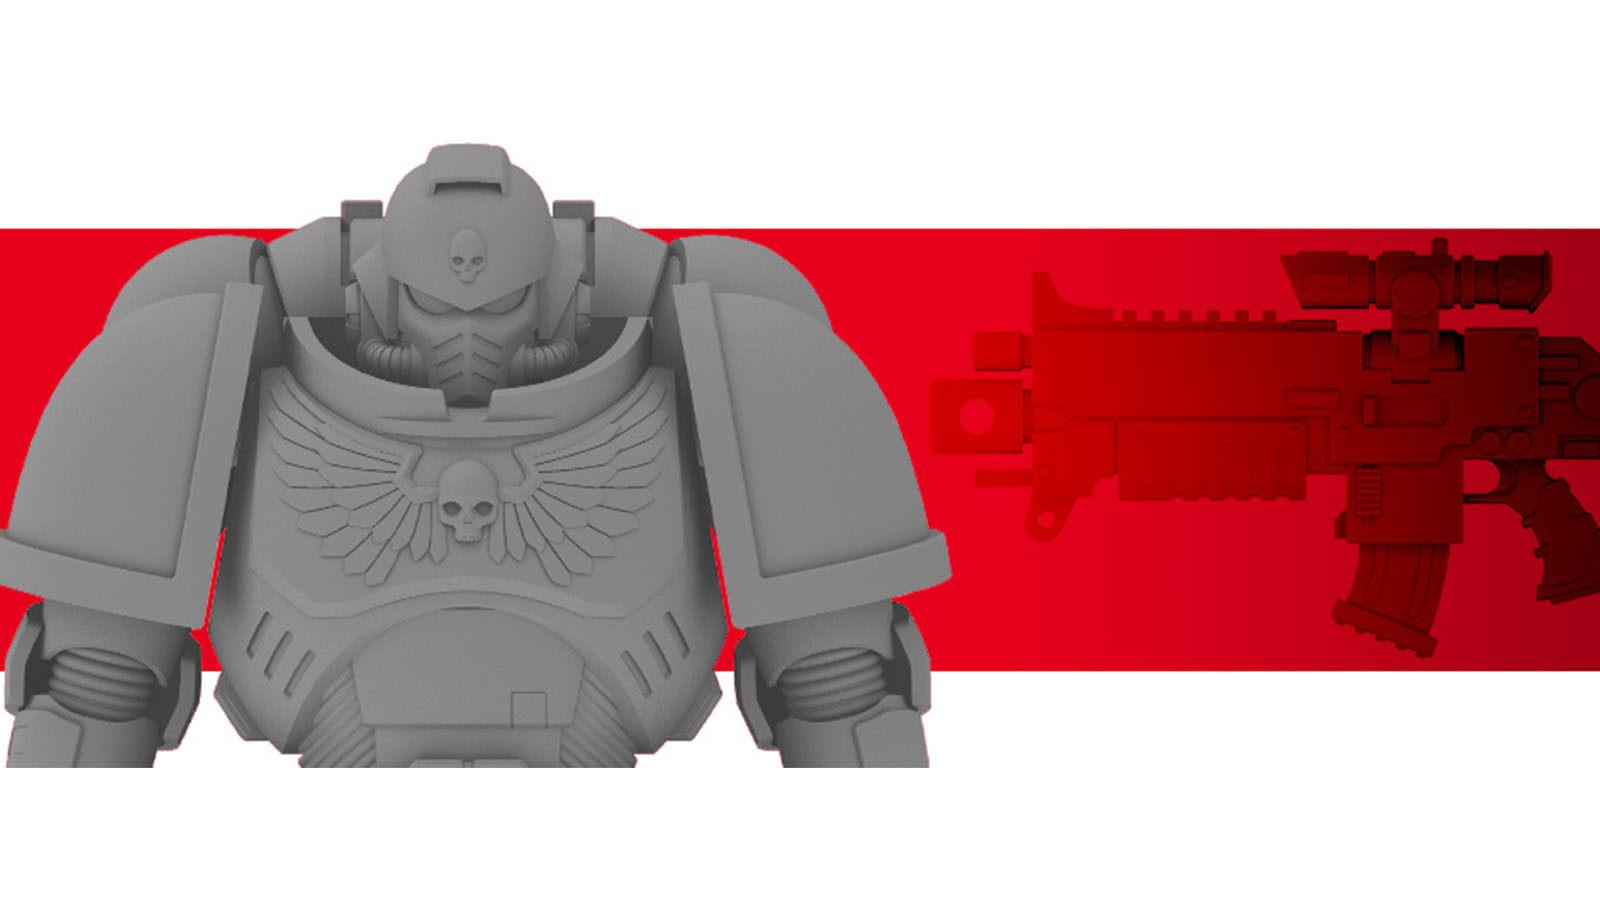 万代将推出《战锤40K》原铸星际战士可动模型